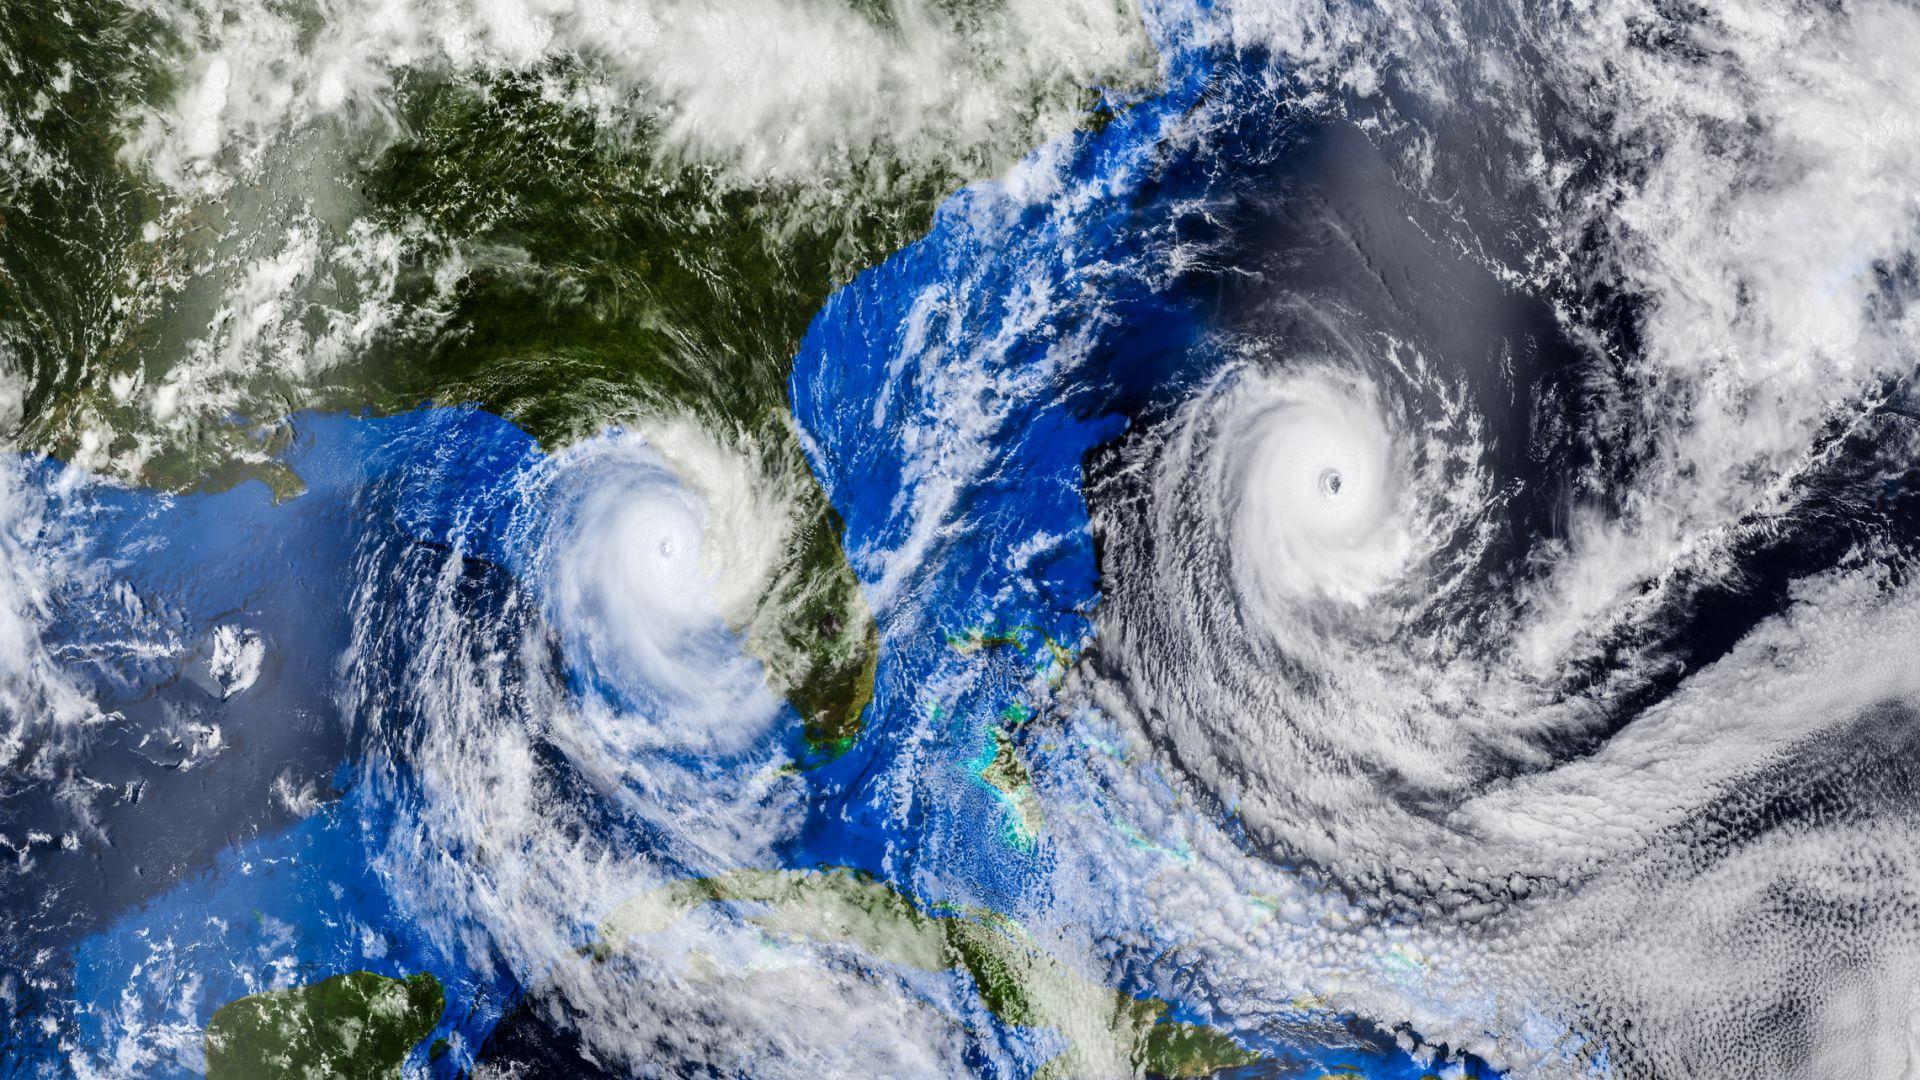 Ураганите запазват силата си  по-дълго, отколкото  преди десетилетия